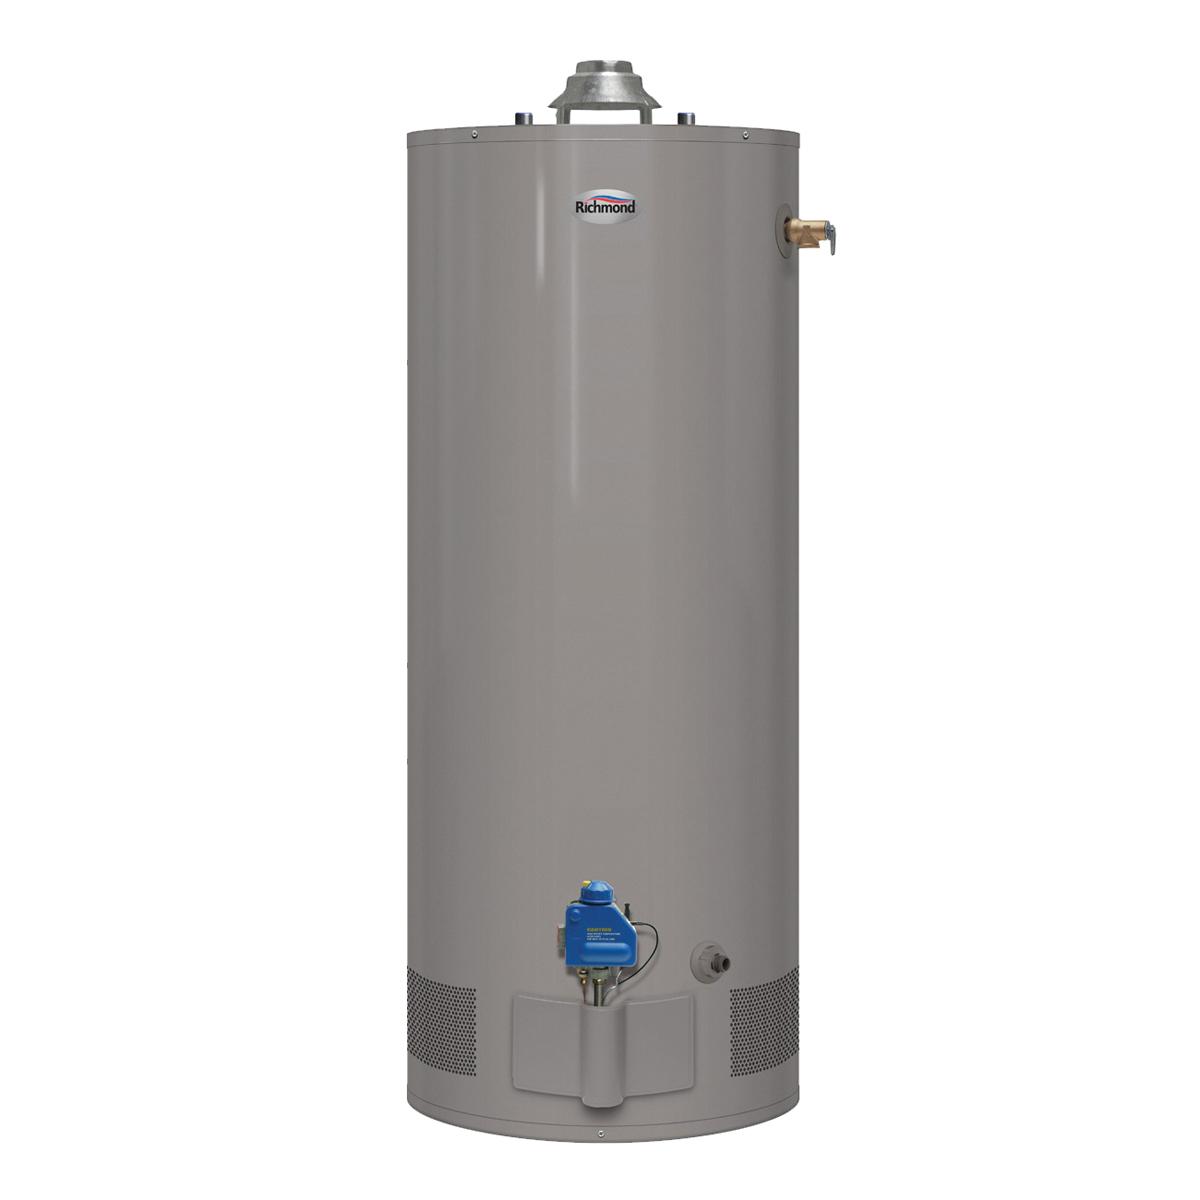 Picture of Richmond Essential 6G40S-34F3 Gas Water Heater, Natural Gas, 40 gal Tank, 65 gph, 34000 Btu/hr BTU, Dark Warm Gray